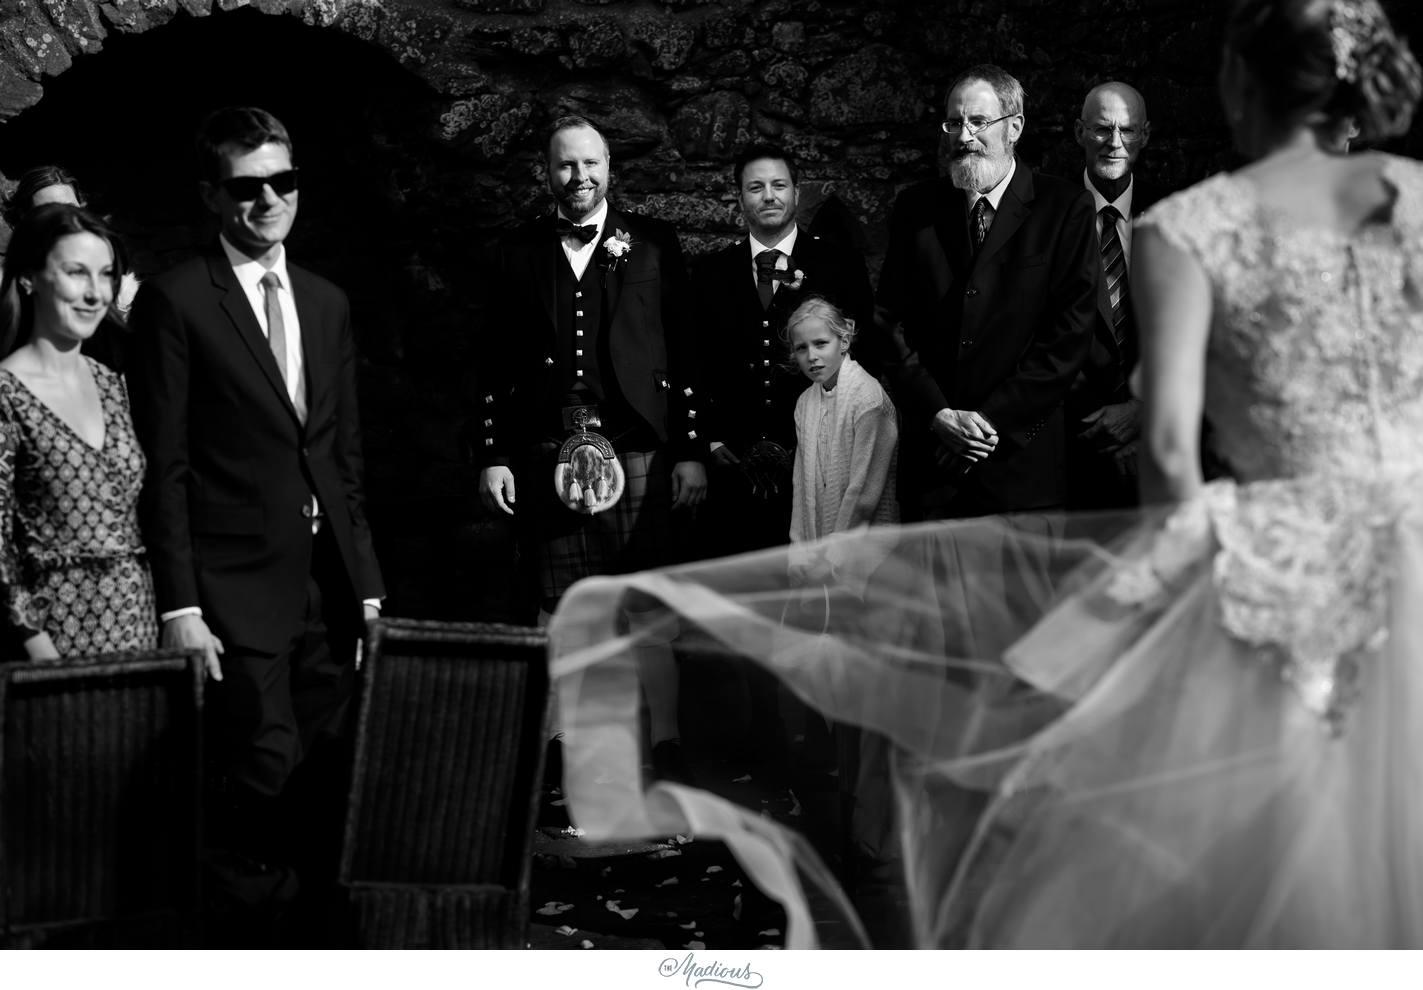 Balbegno_Dunnotar_Castle_Scottland_Wedding_33.jpg